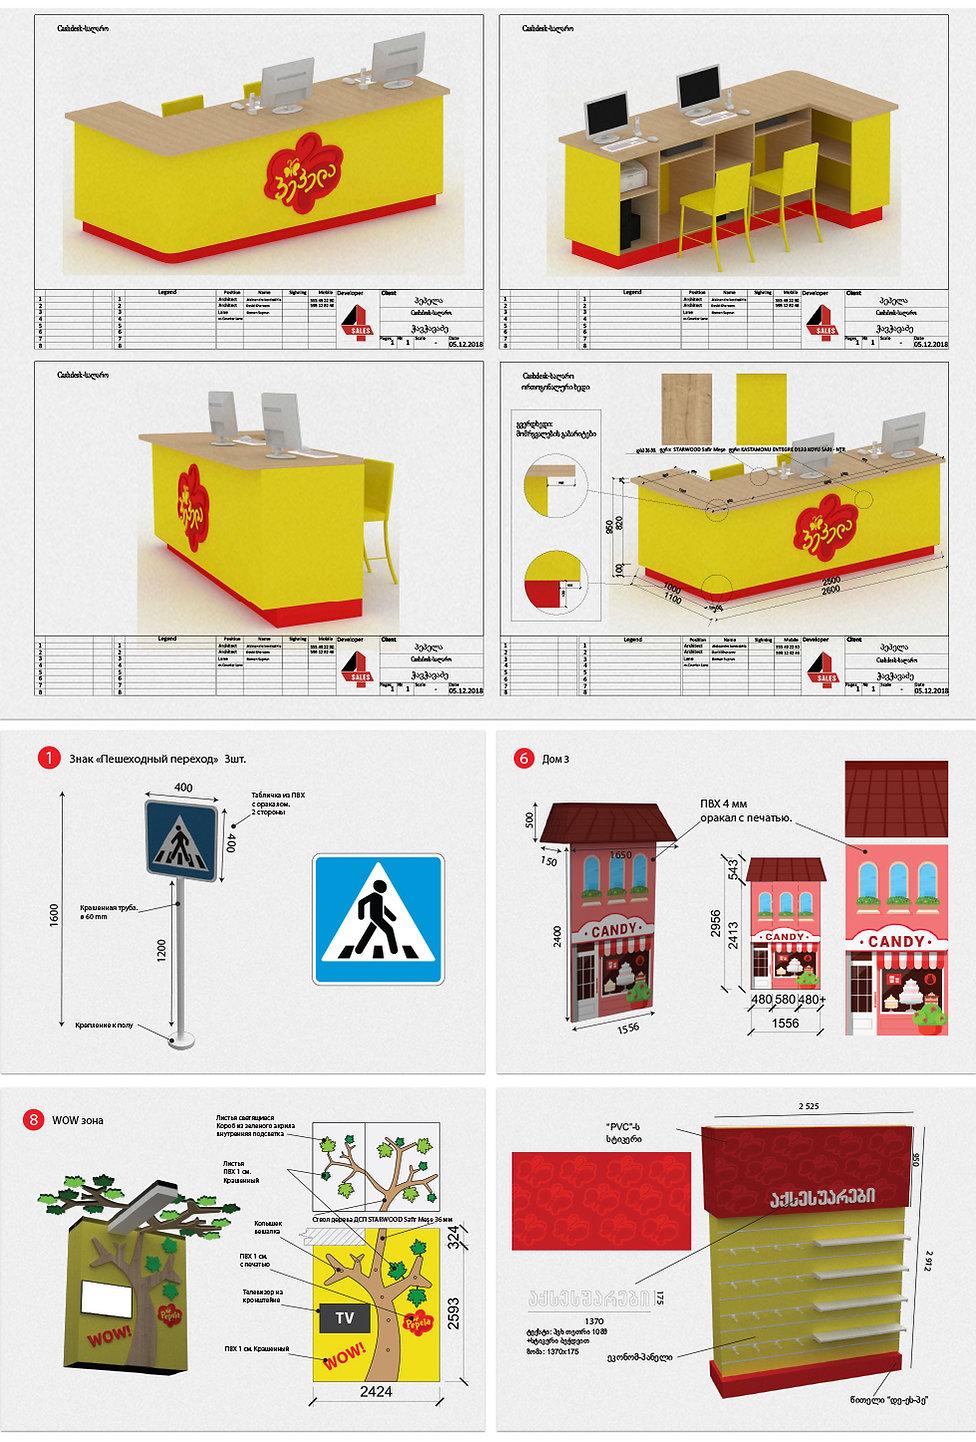 10 სავაჭრო აღჭურვილობის დიზაინი.jpg